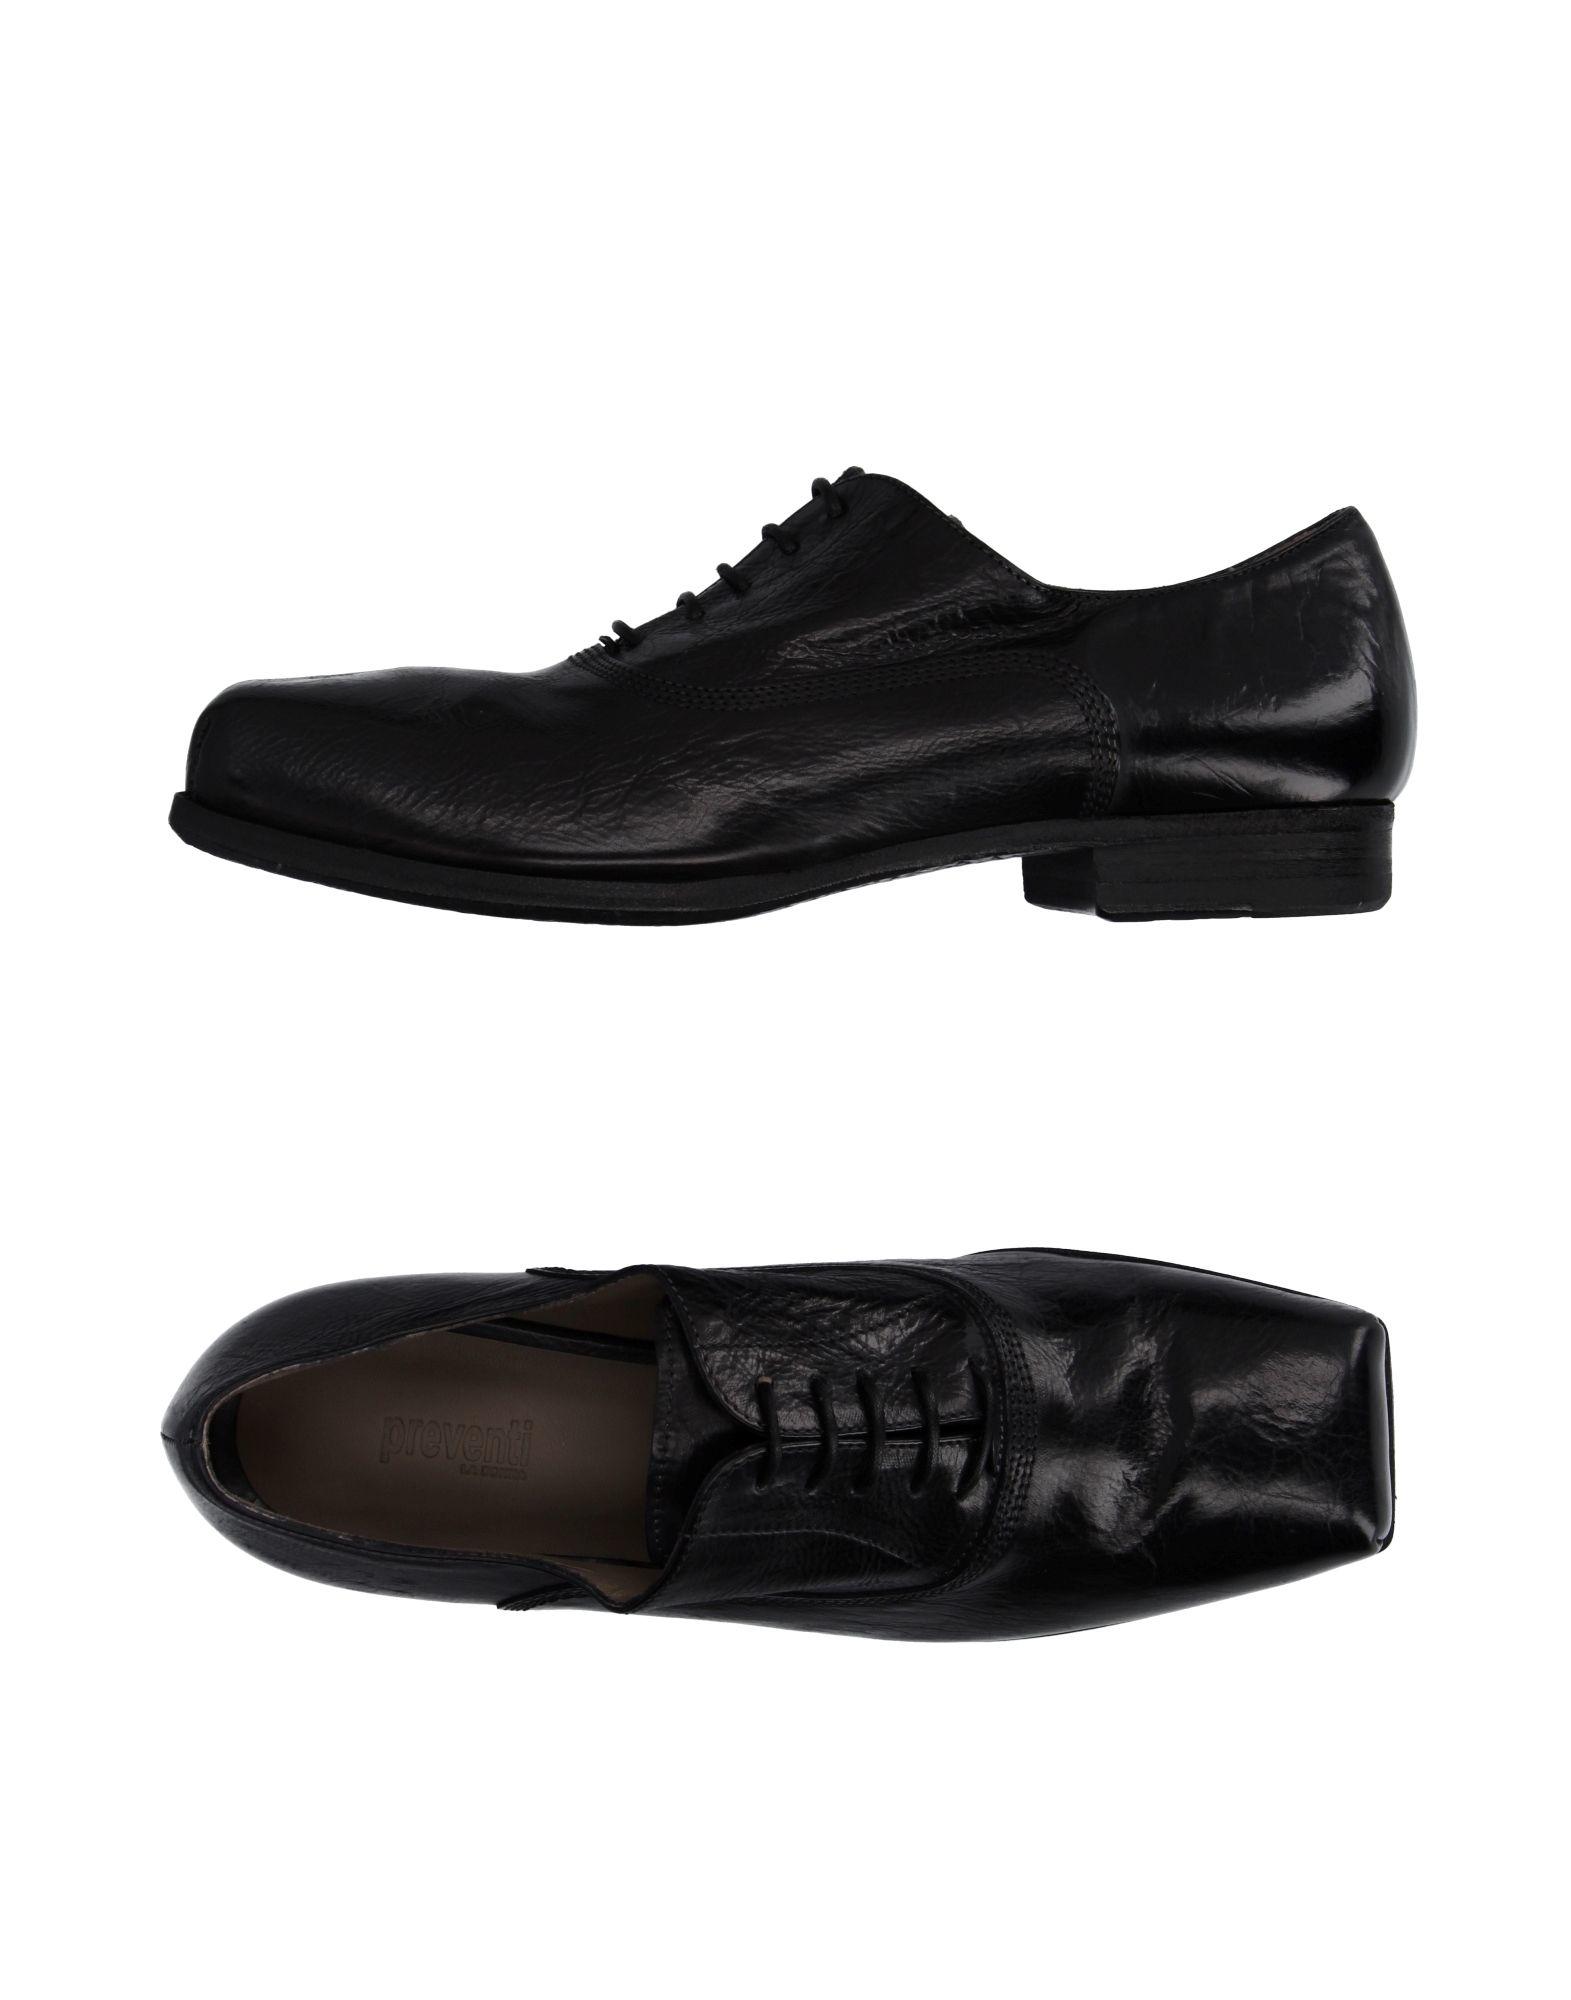 Preventi Mens Shoes